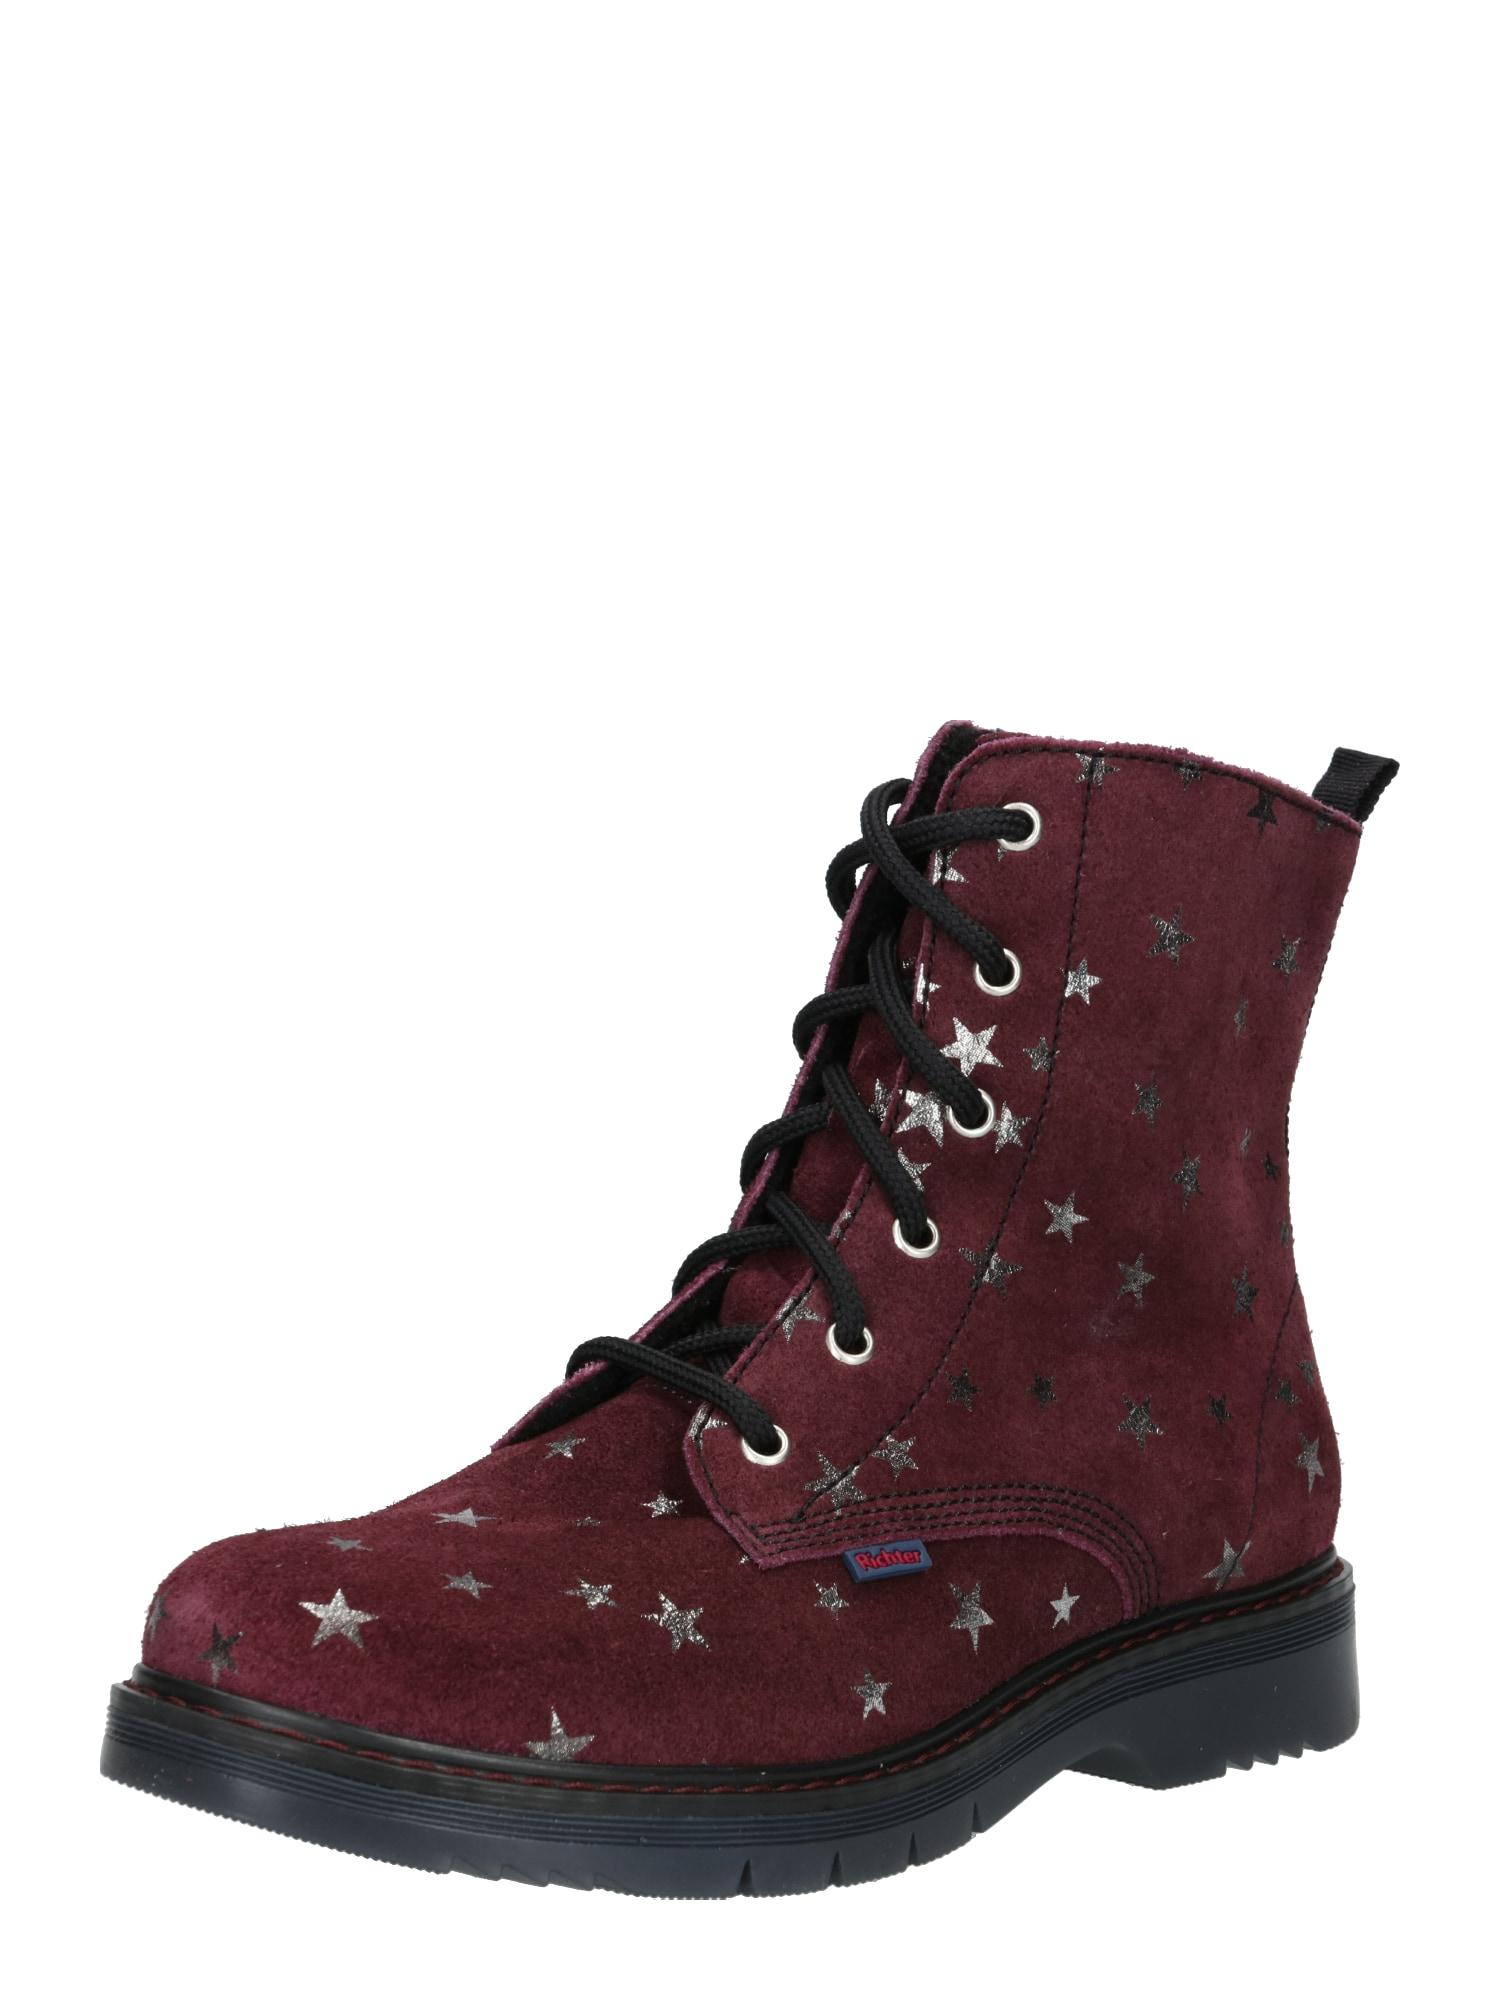 Šněrovací boty Glattleder black fialová RICHTER